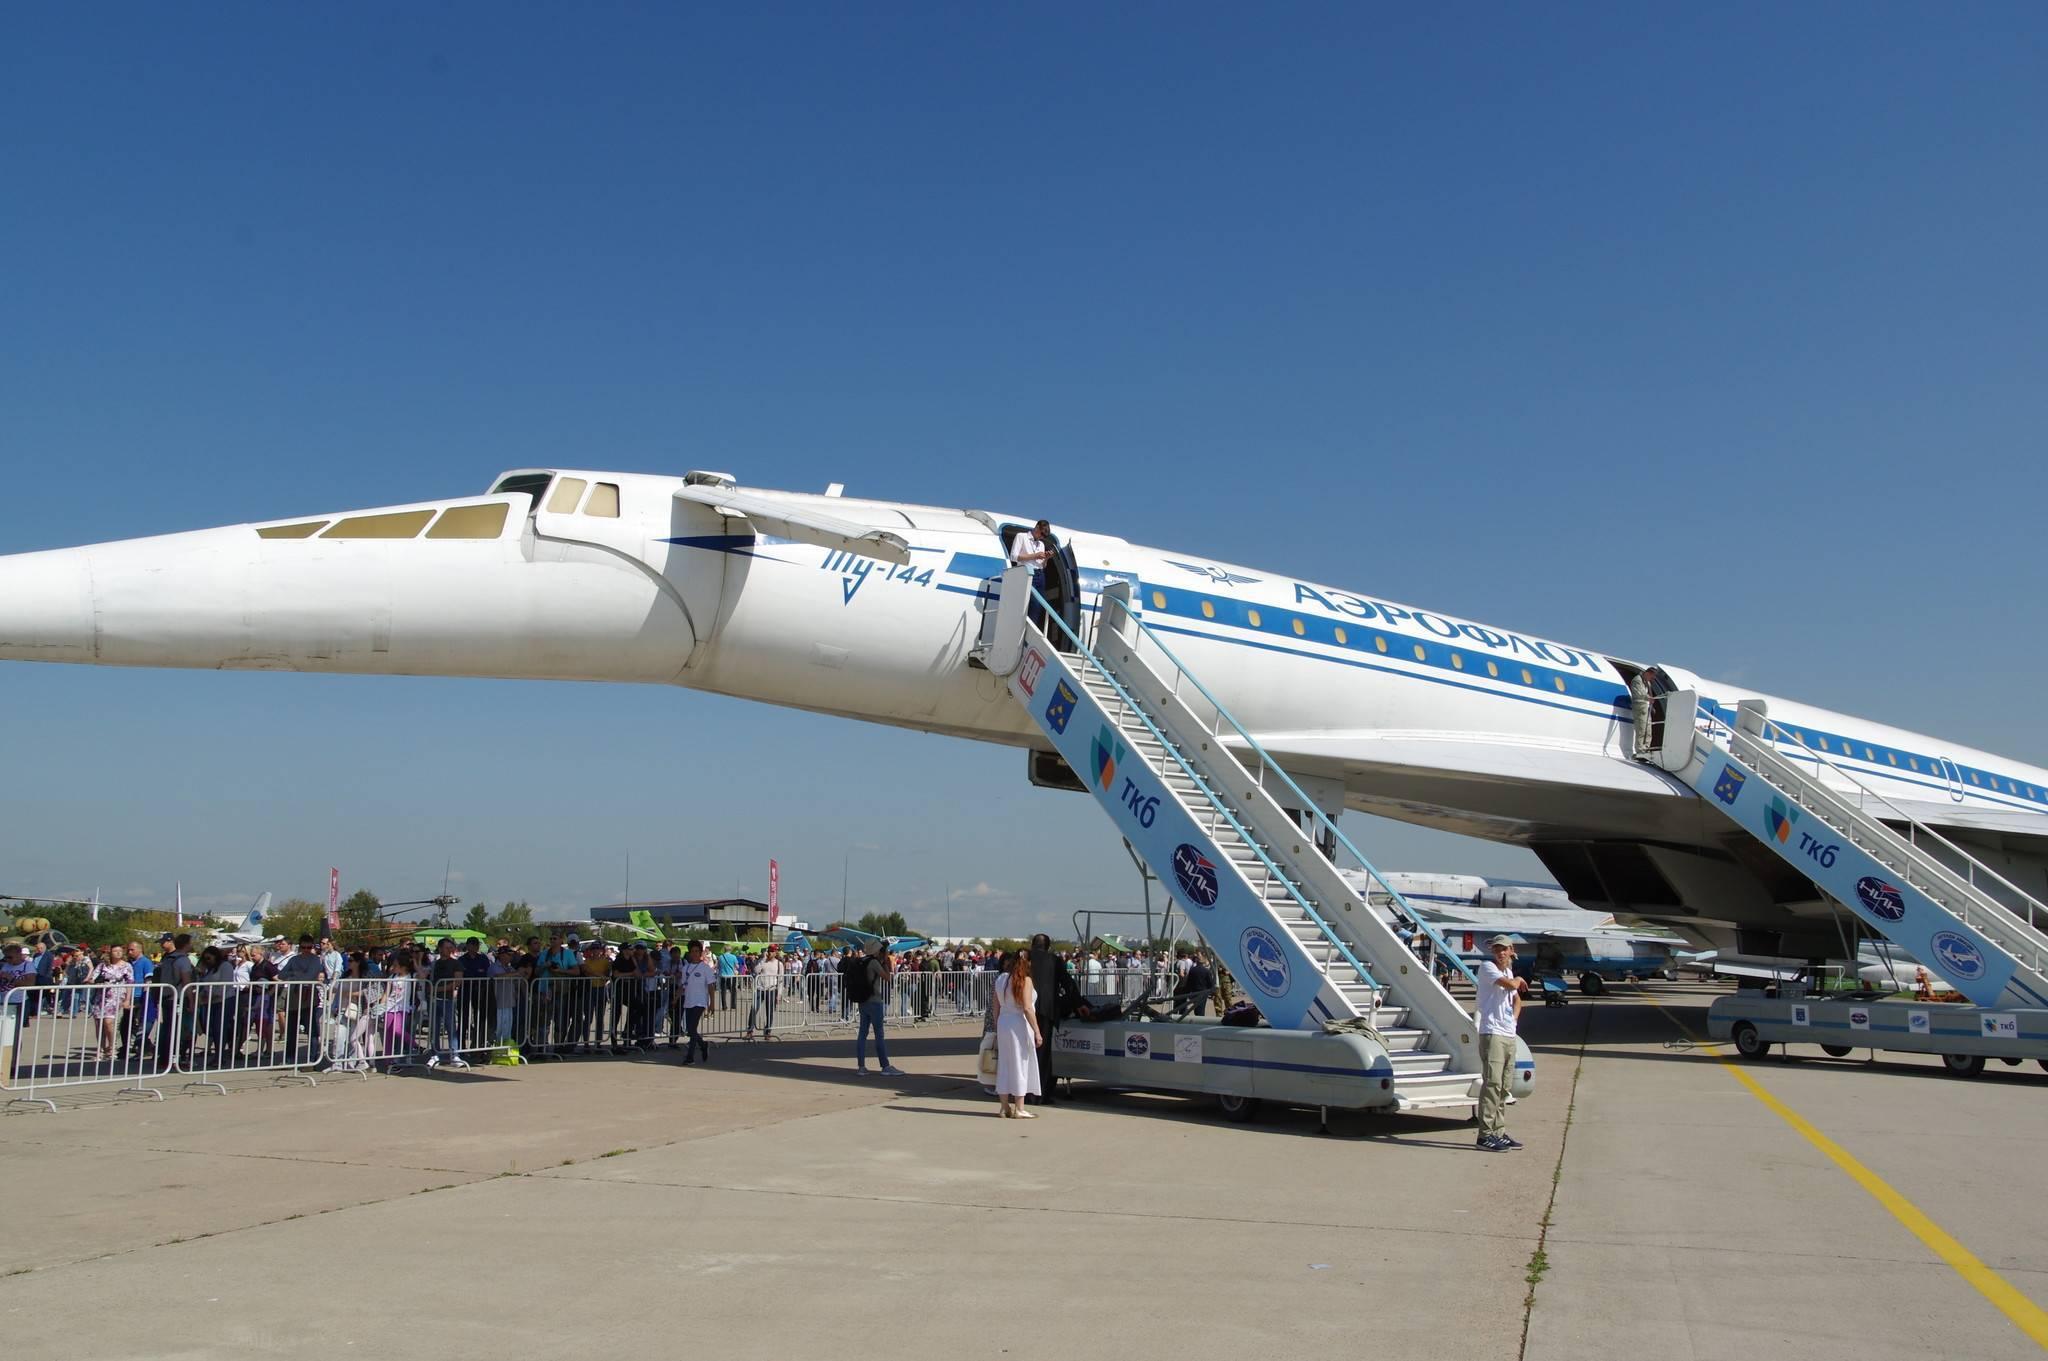 Сверхзвуковой пассажирский самолёт ту — 144 (46 фото + 3 видео)